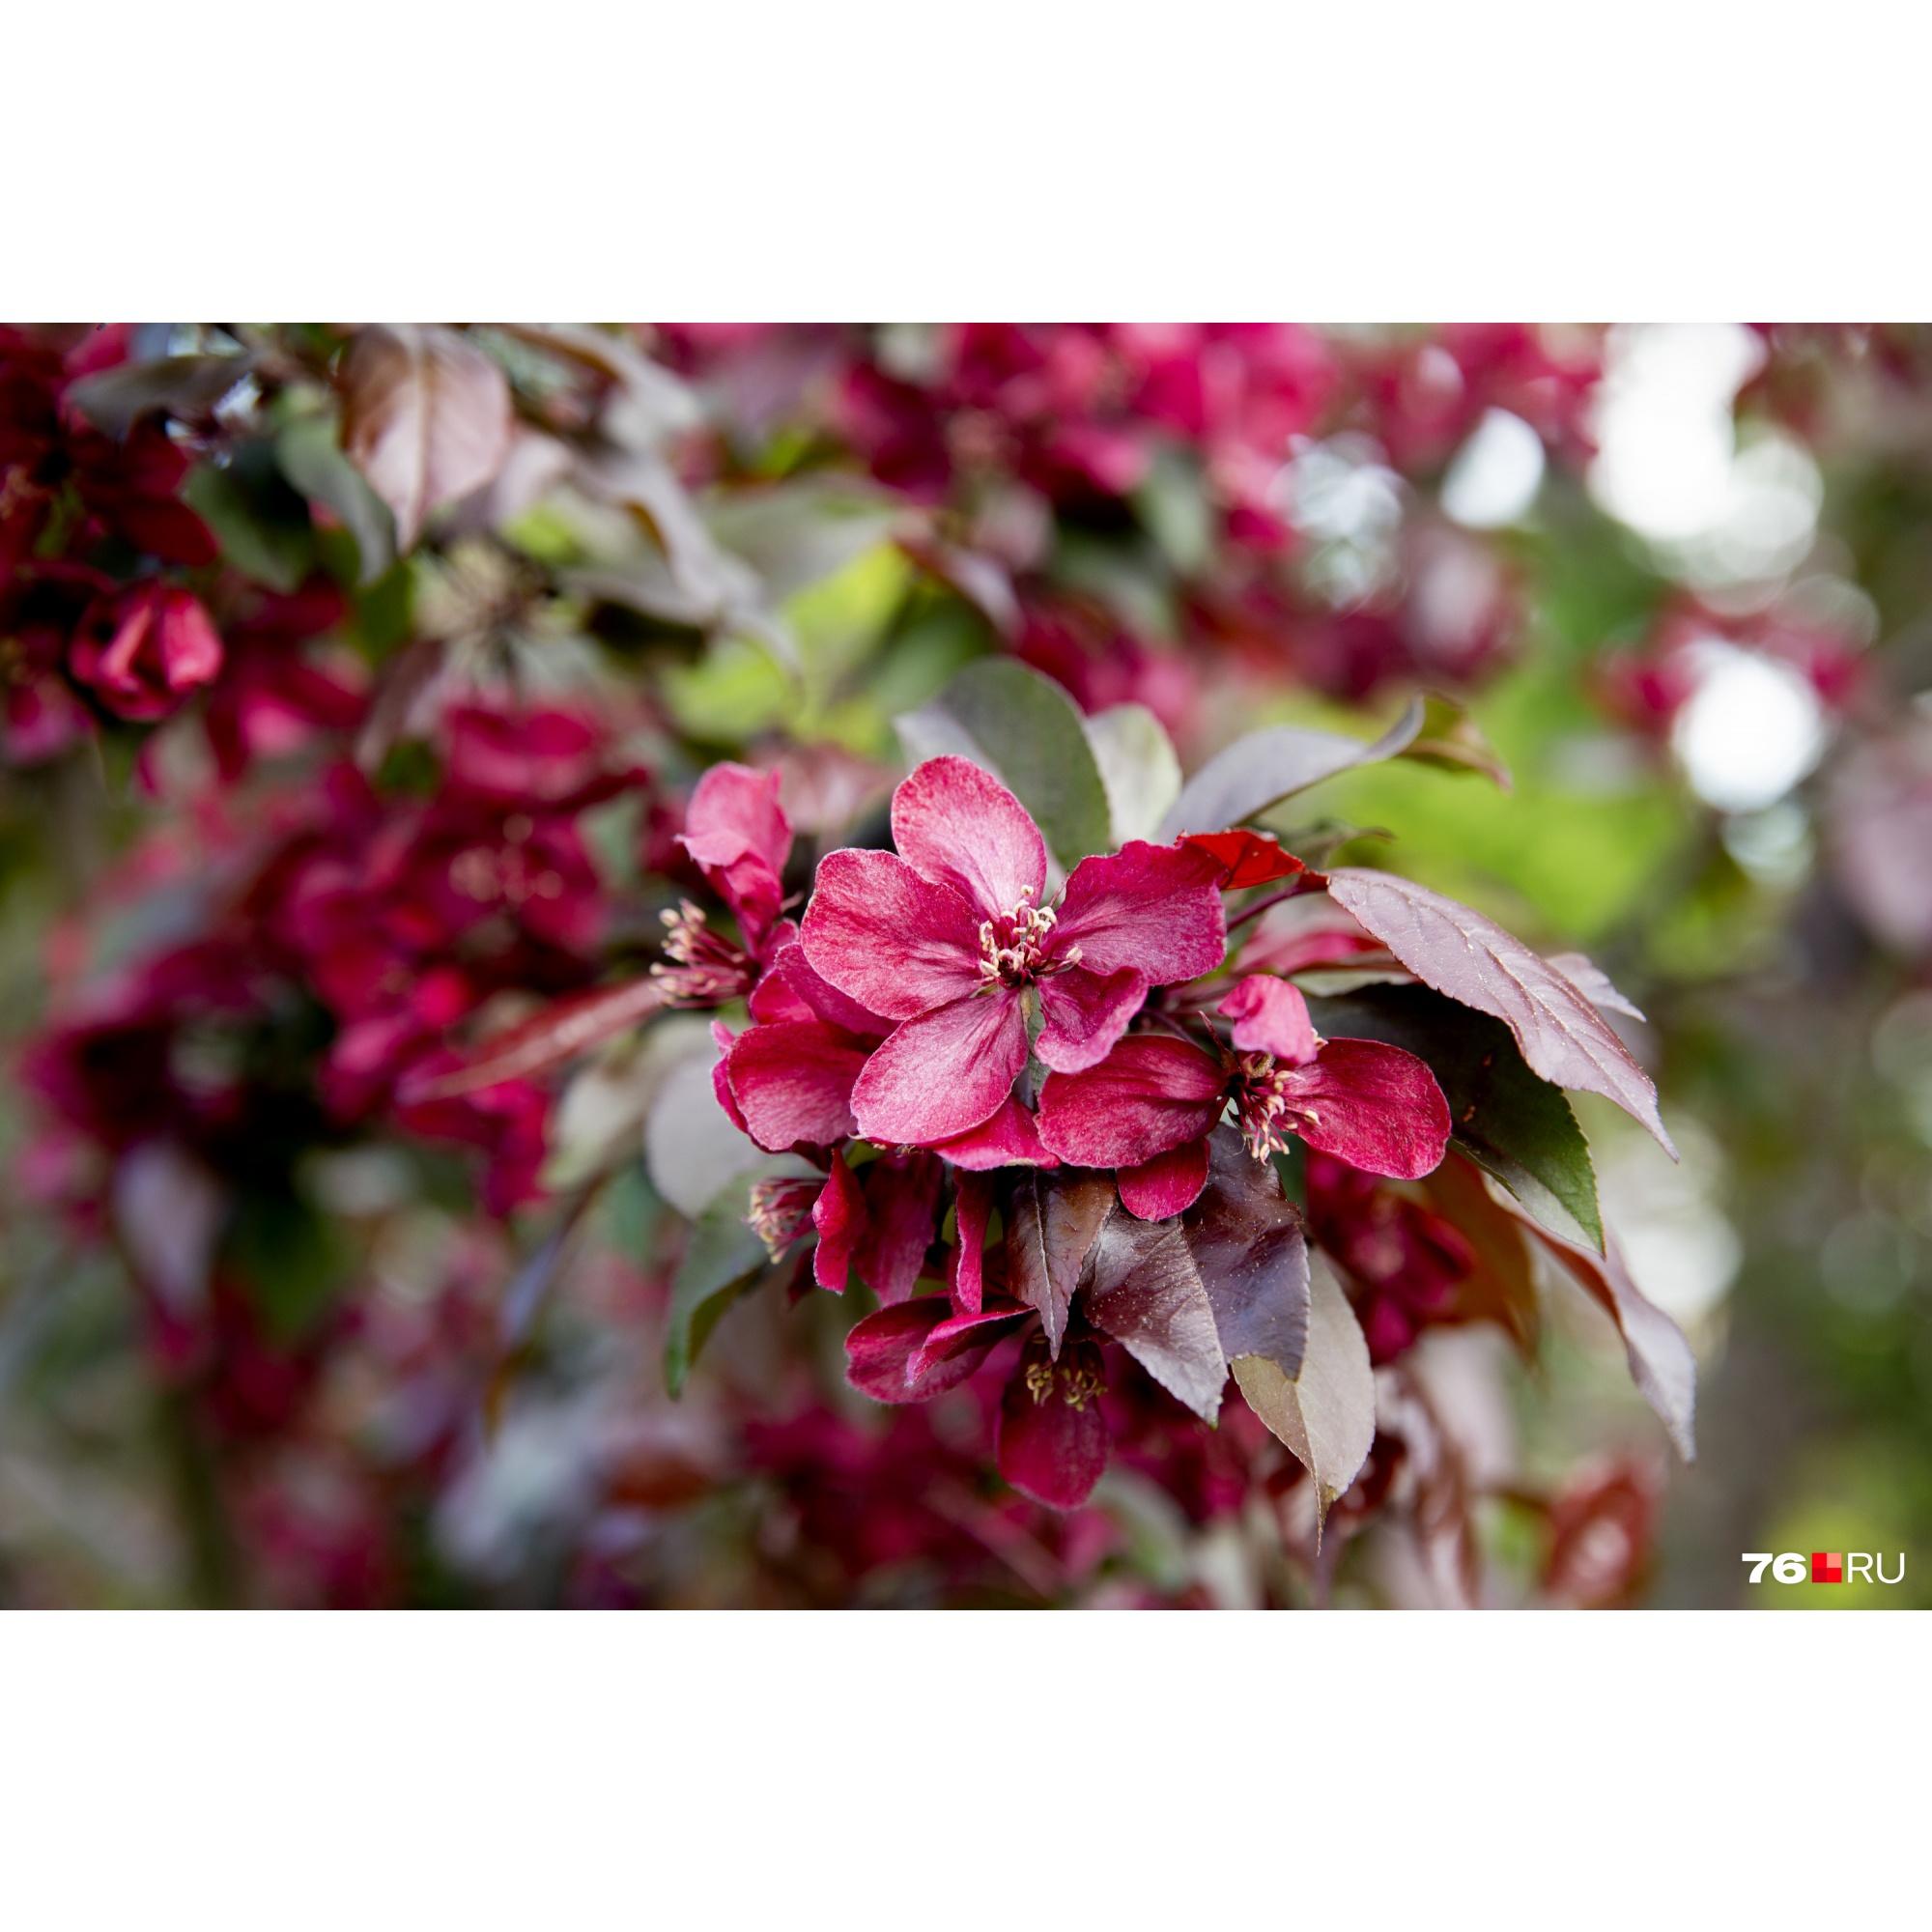 Декоративная яблоня цветёт